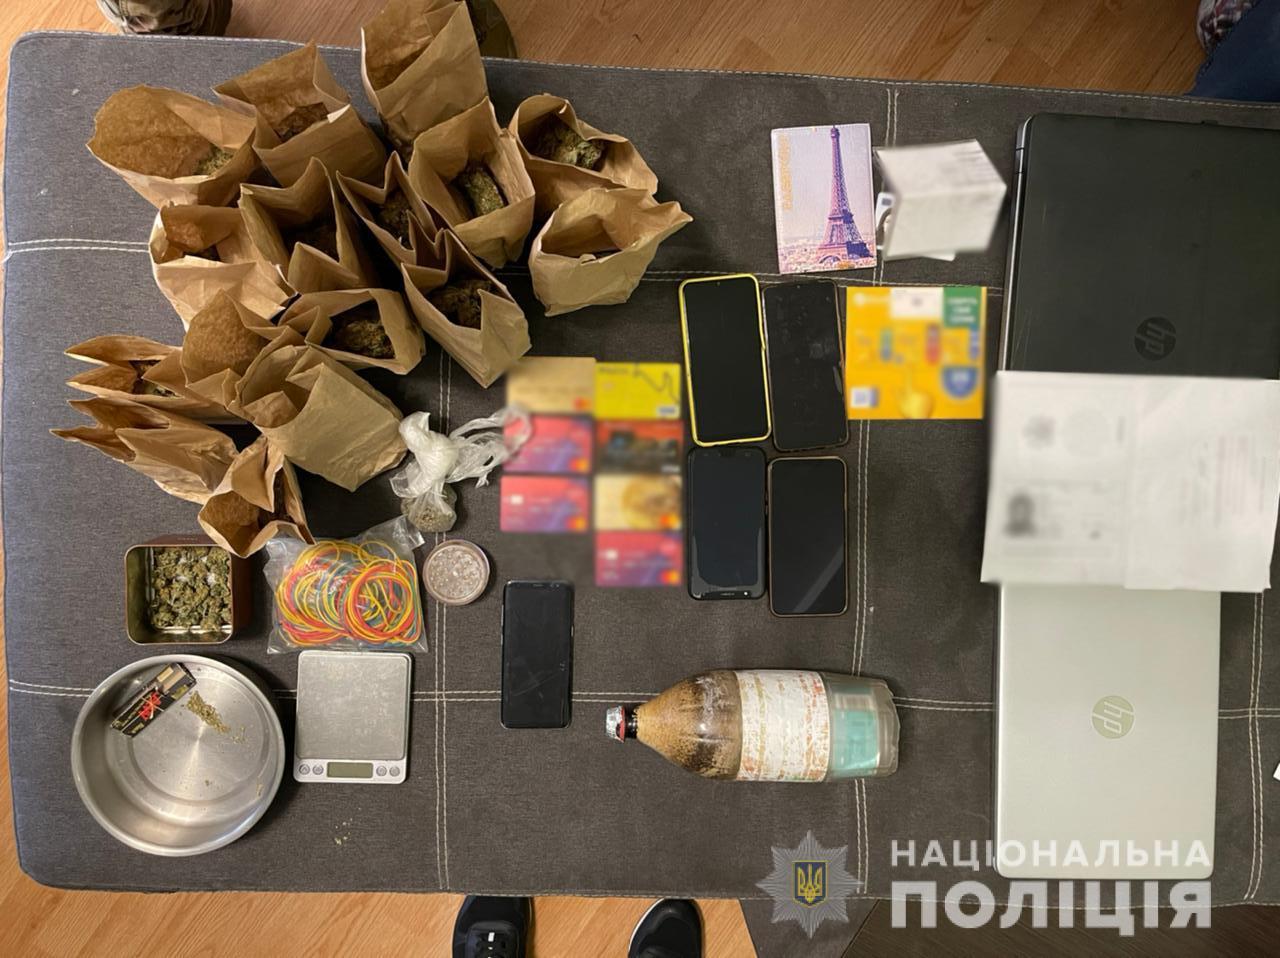 В Харькове нигериец продавал наркотик - шишки конопли. Наркотики Харьков